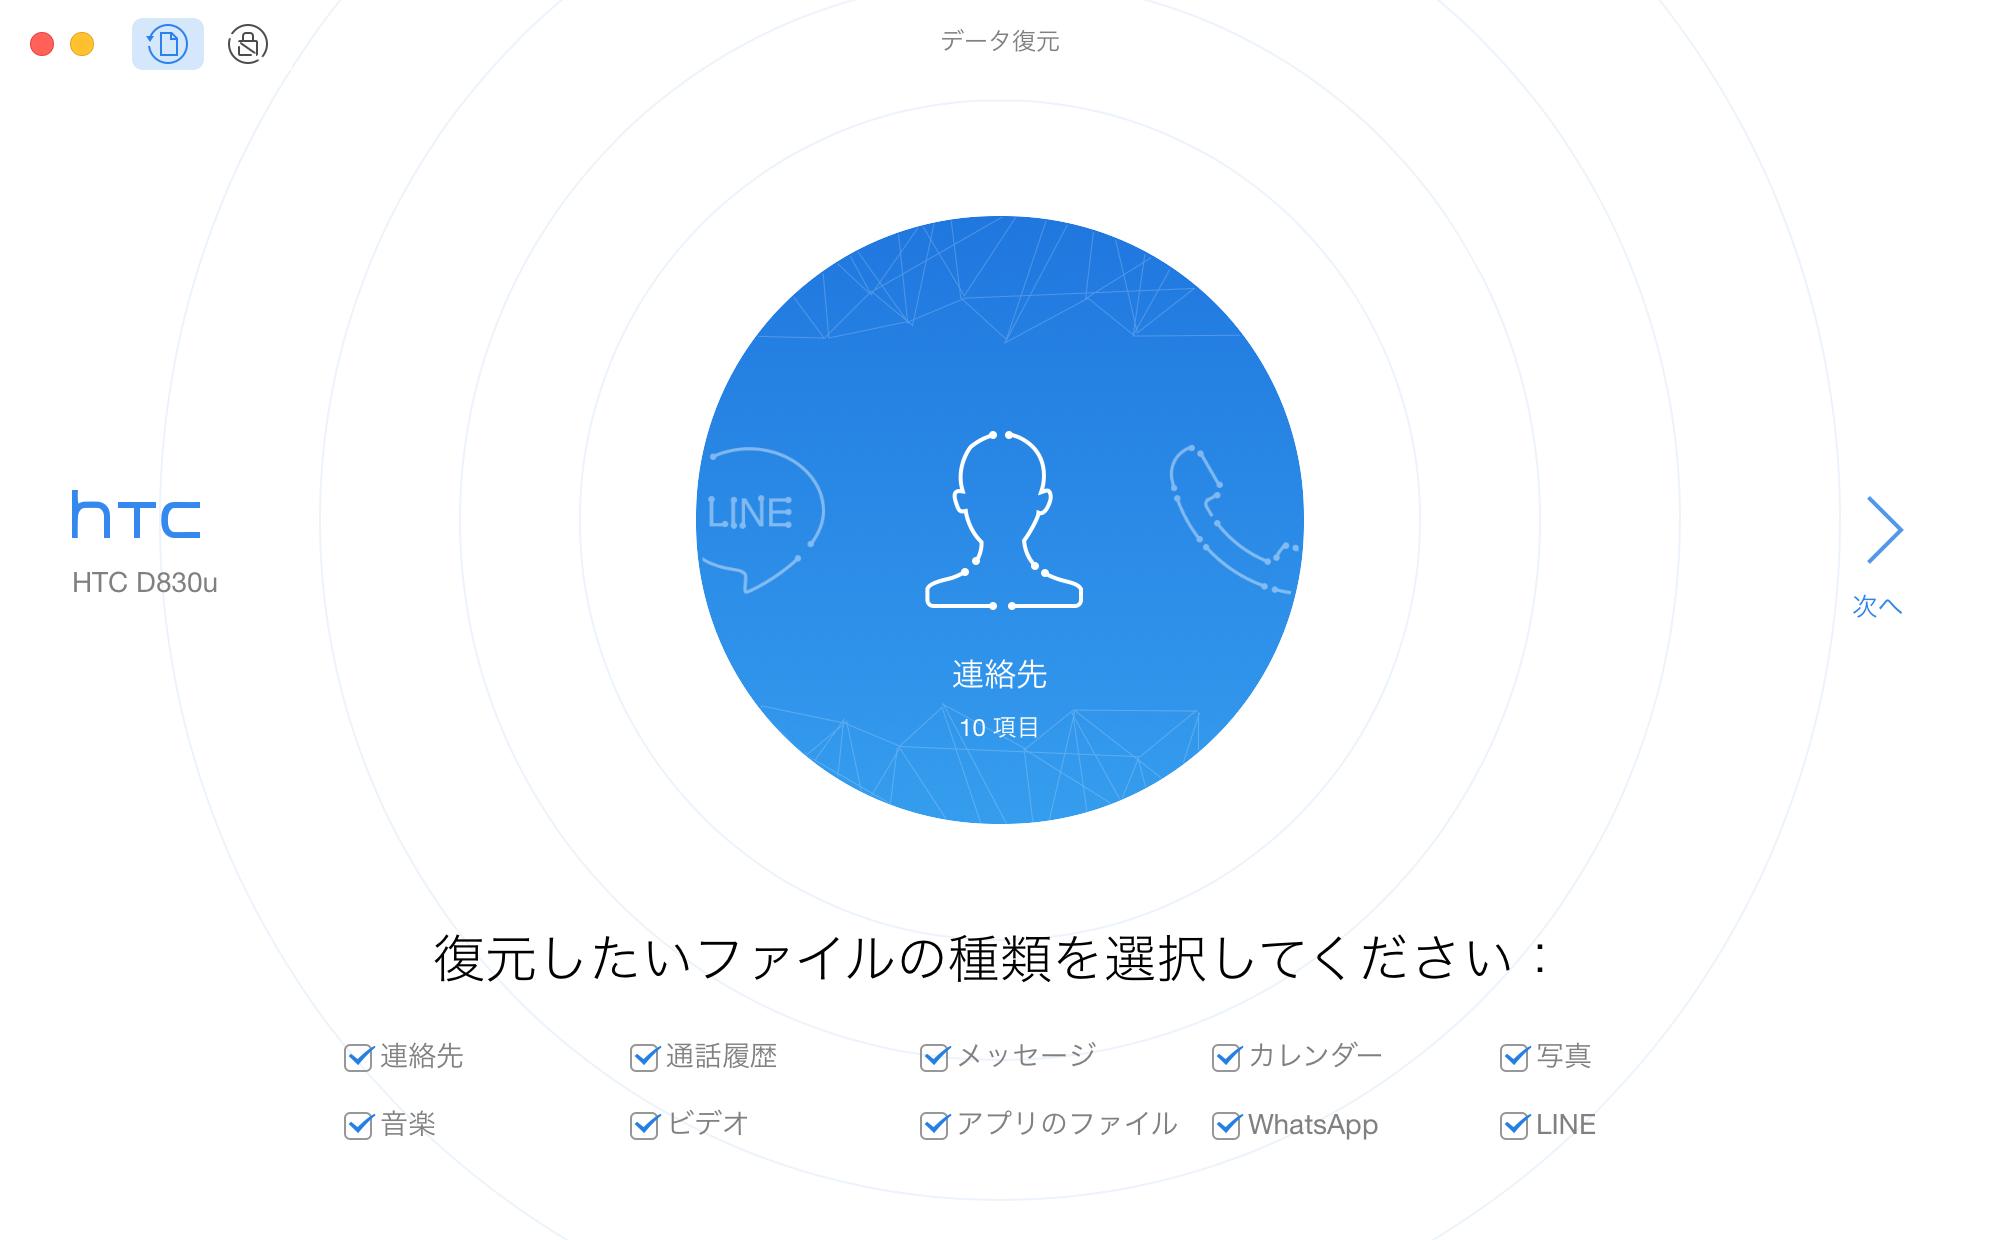 PhoneRescue for HTCのメインインターフェース